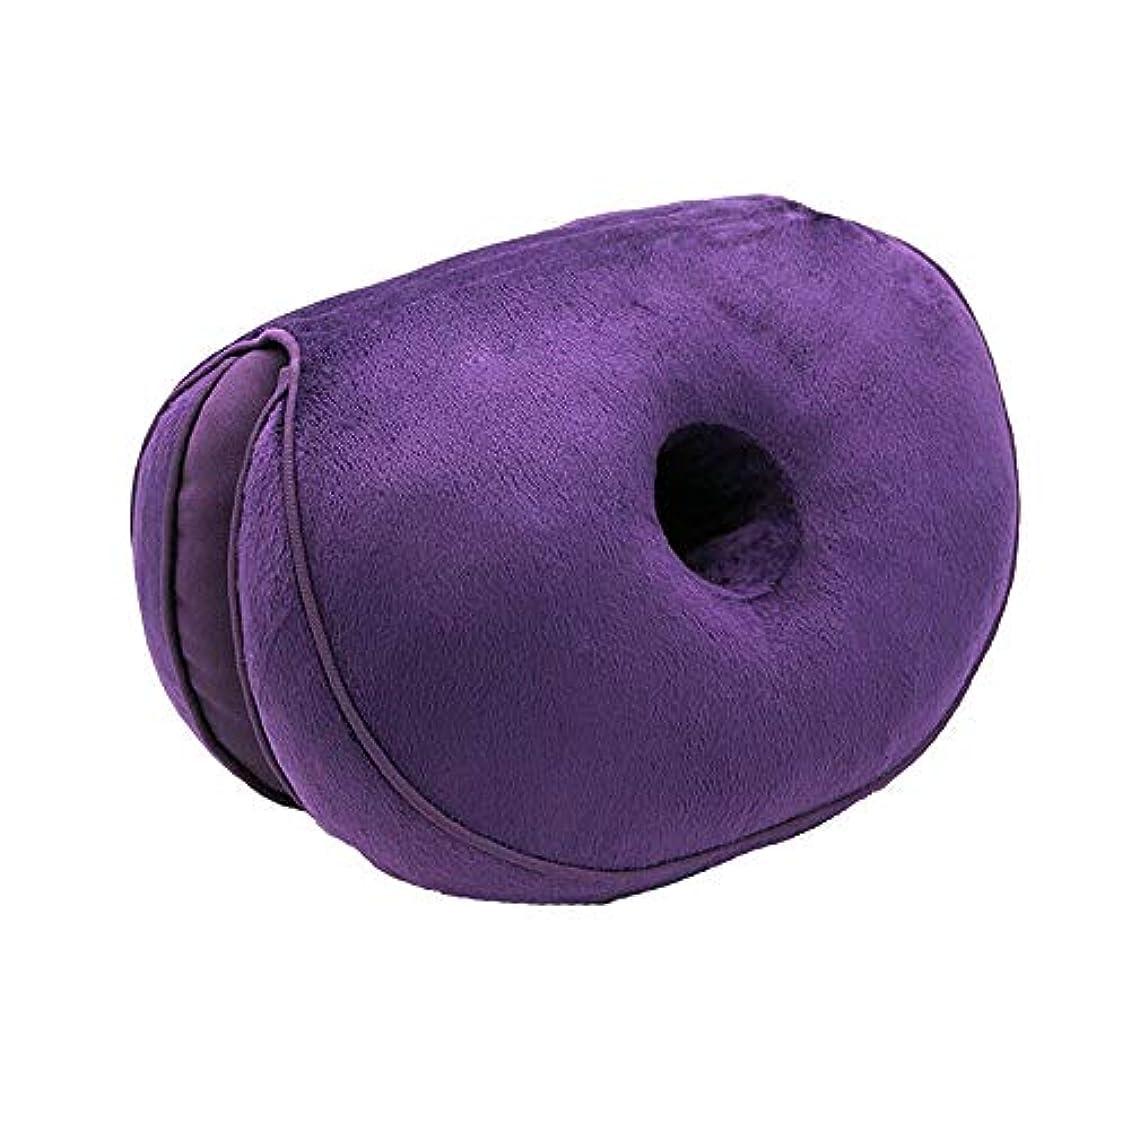 検出可能談話アラームLIFE 新デュアルシートクッション低反発ラテックスオフィスチェアバックシートクッション快適な臀部マットパッド枕旅行枕女性女の子 クッション 椅子